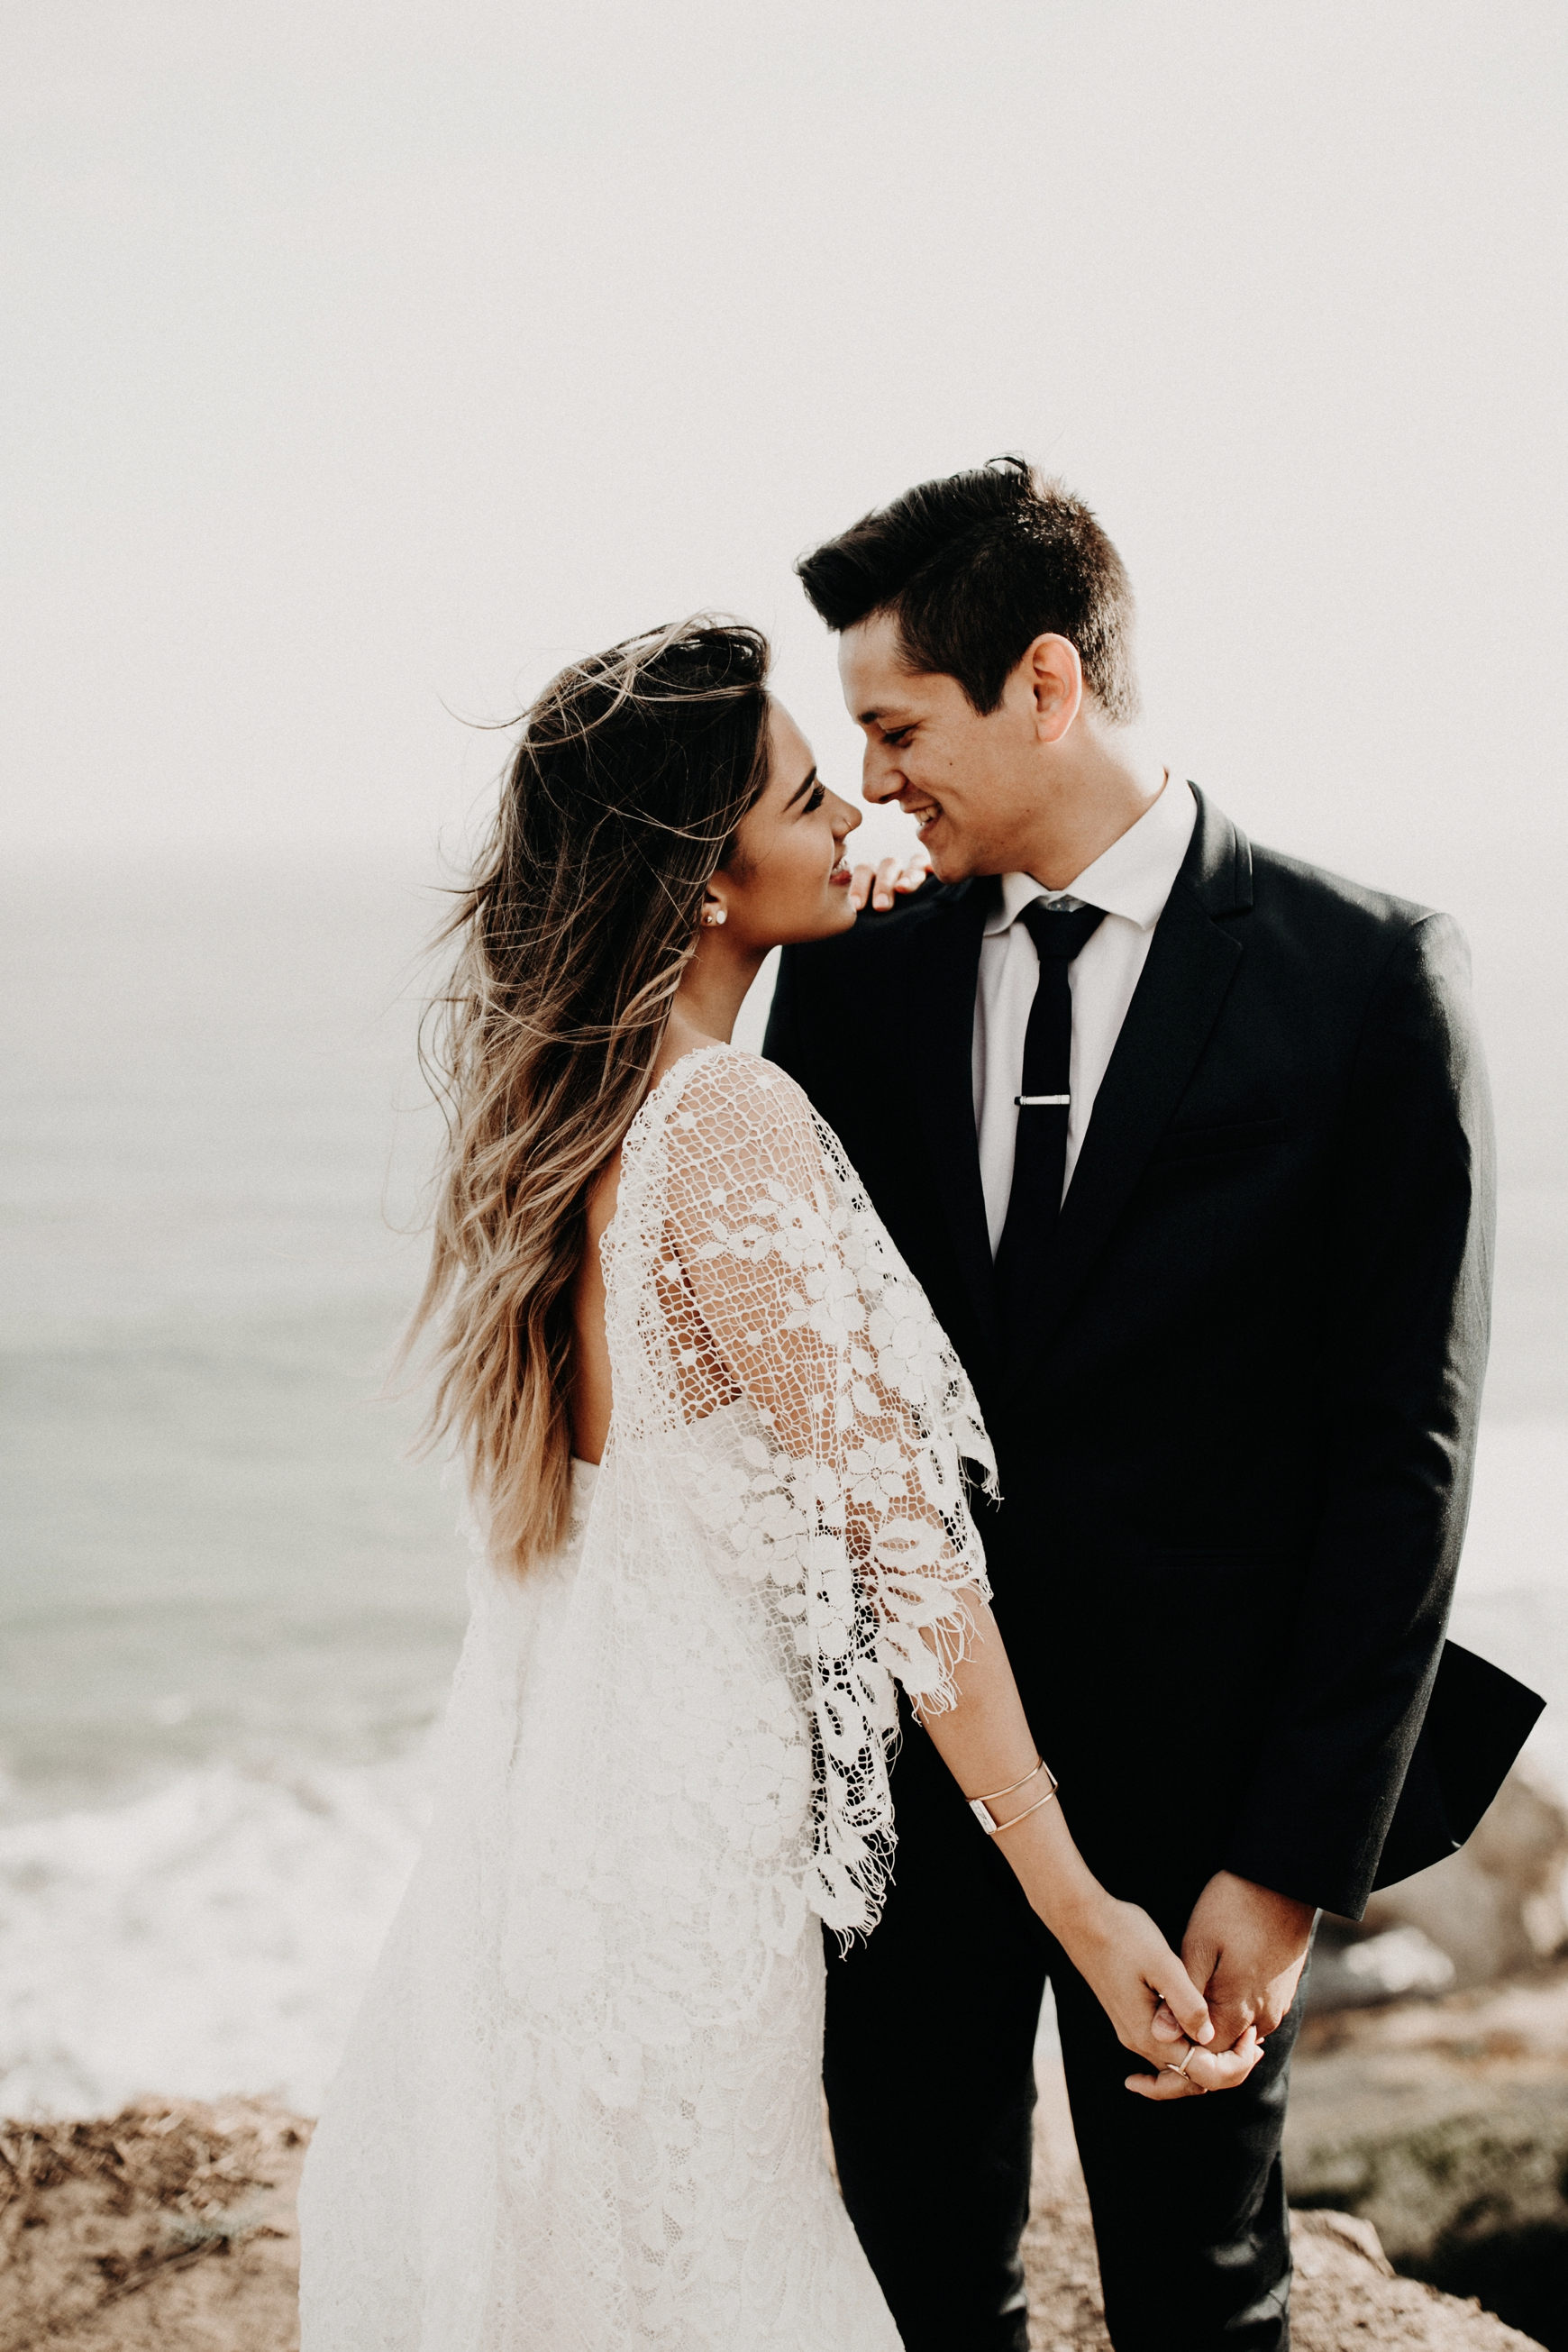 El Matador Beach Bridal Portraits Justellen & TJ Emily Magers Photography-32Emily Magers Photography.jpg